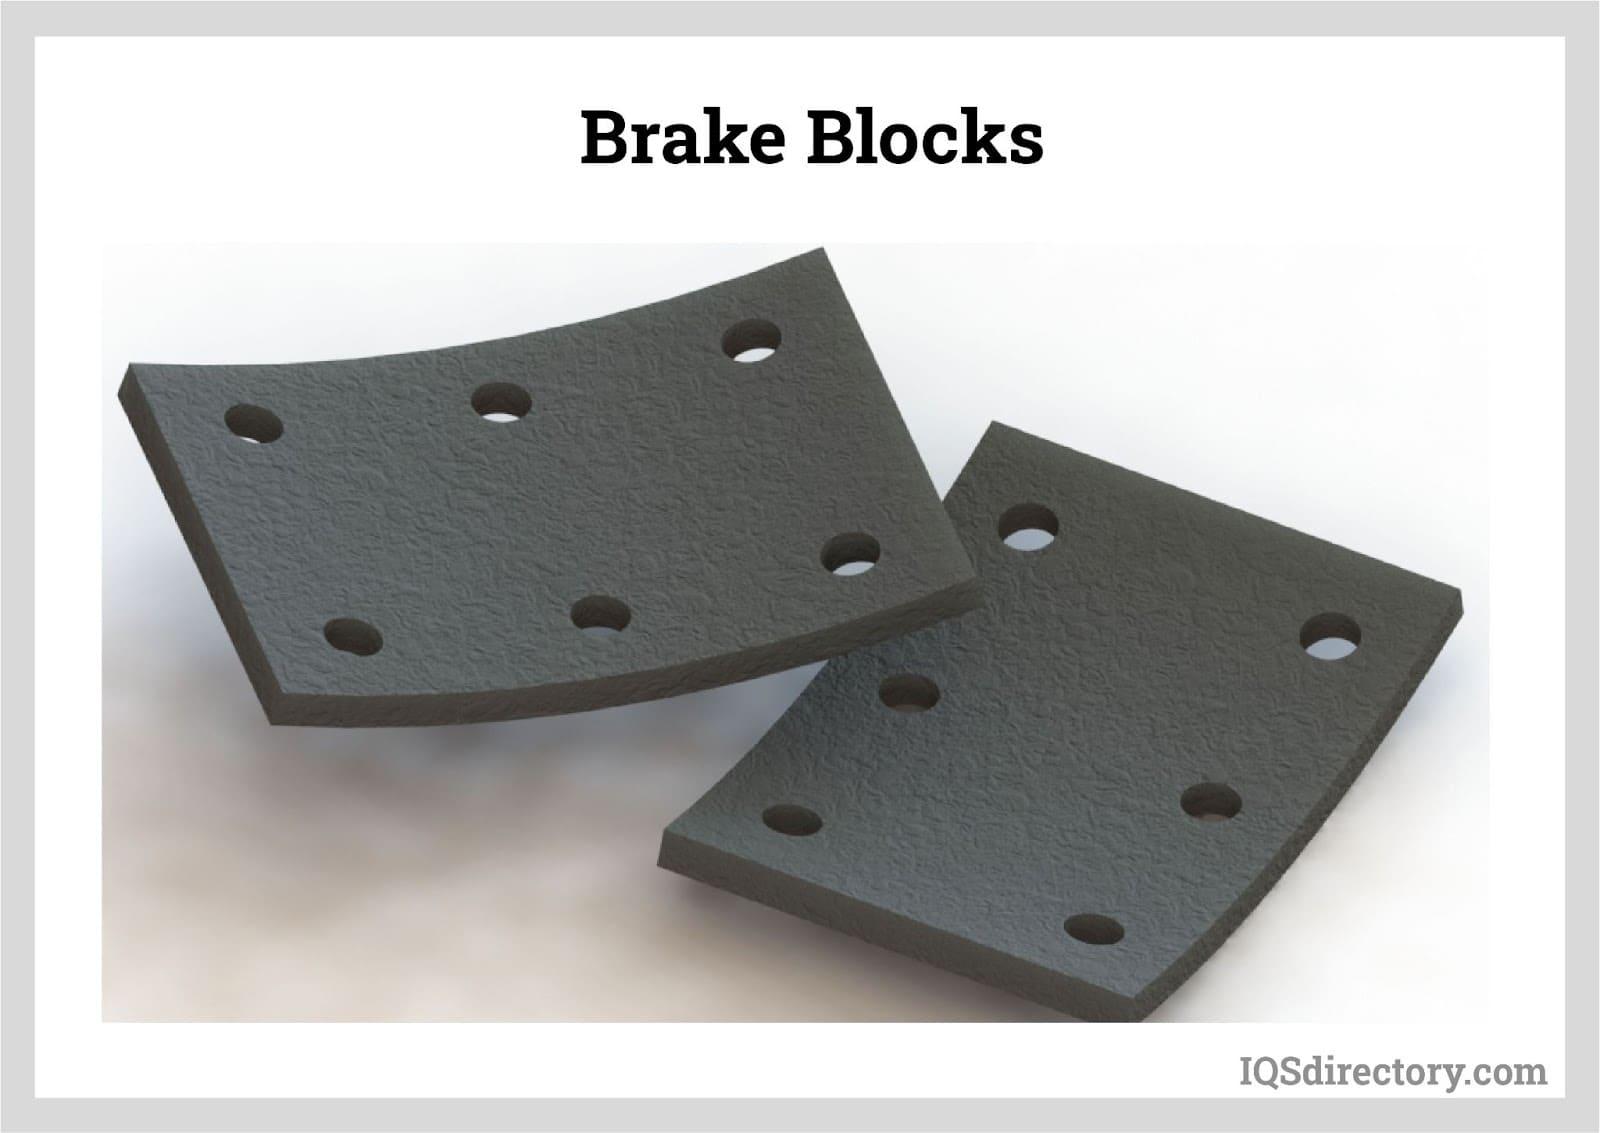 Brake Blocks